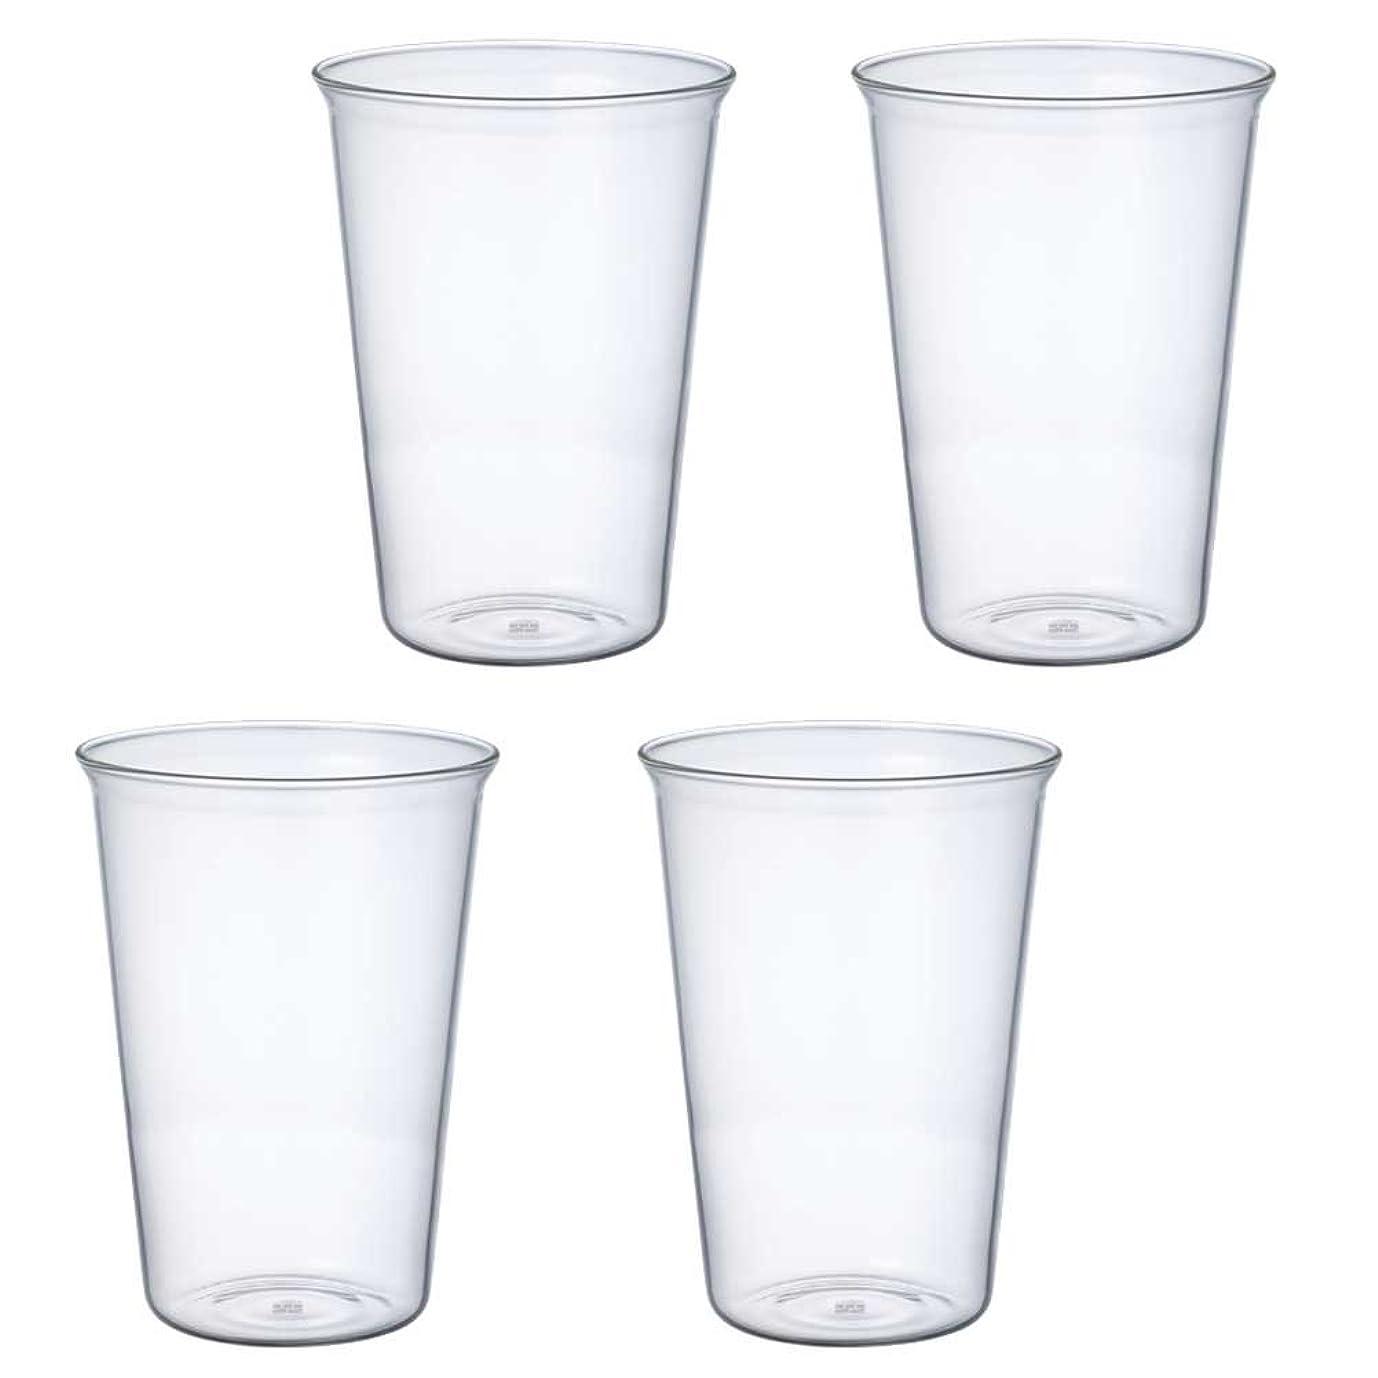 リボン研磨剤楽しいKINTO (キントー) ビアグラス キャスト 430ml 4個セット 8432